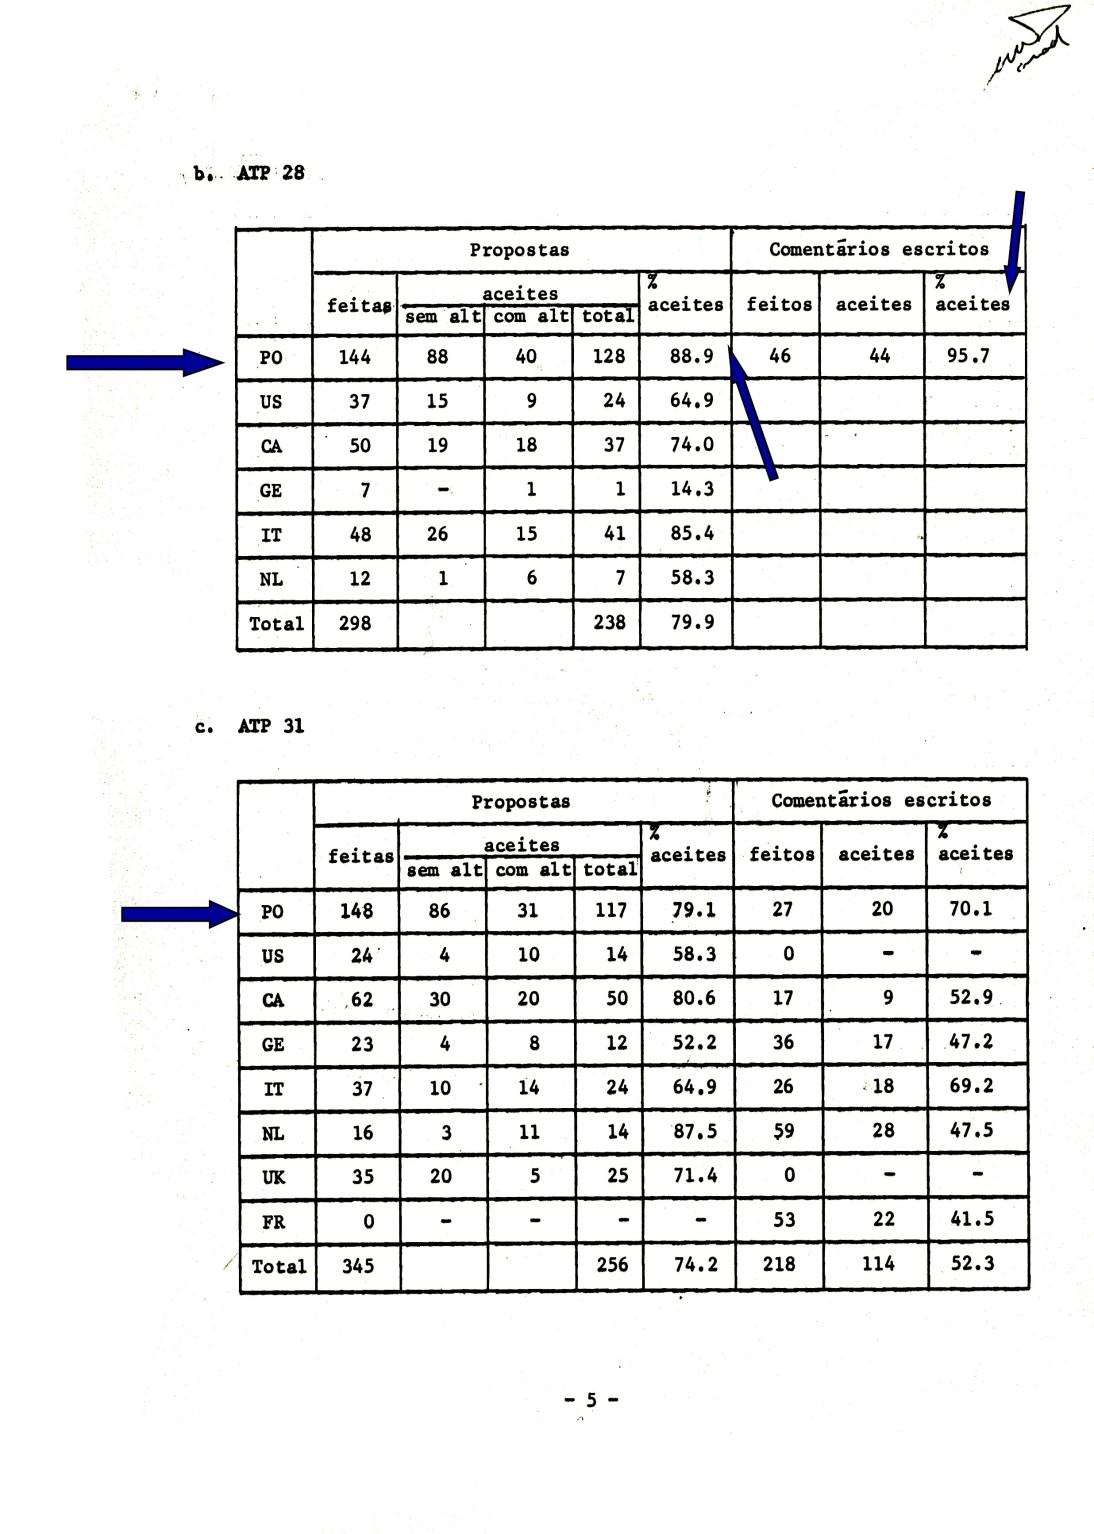 00775 976-12-20 Meu Relatório da minha última participação no MTWP com resumo dos resultados obtidos nas anteriores -pg 5